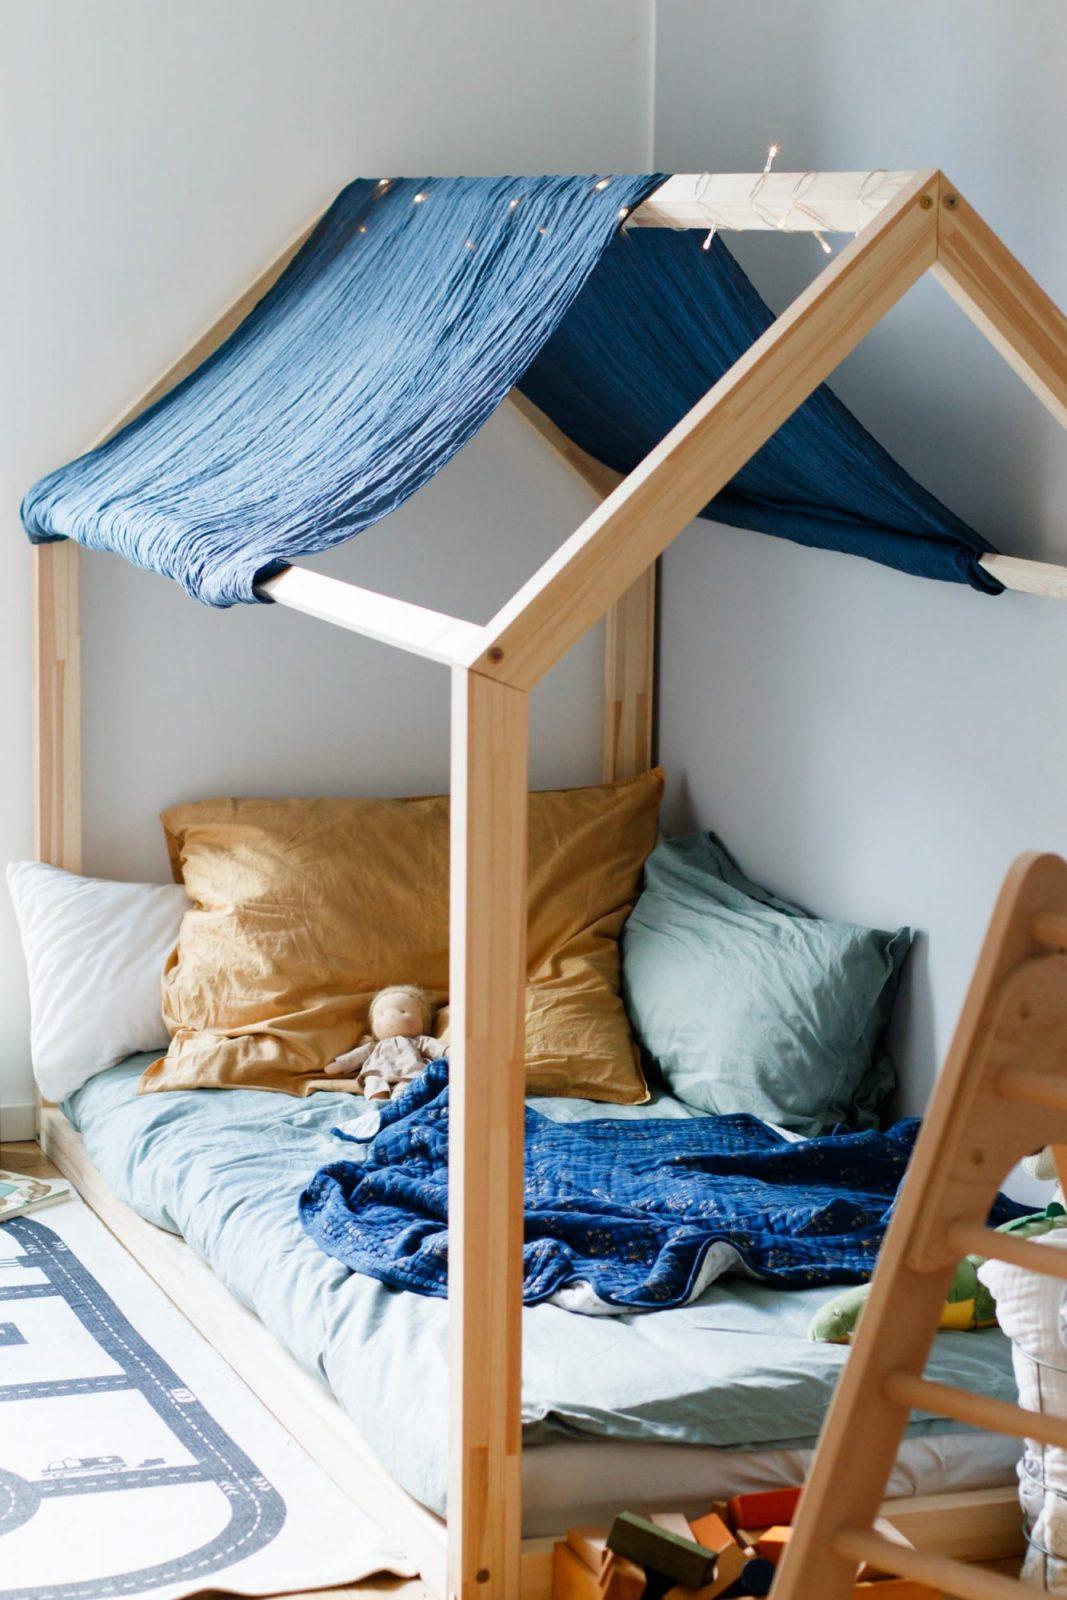 Hausbett Für Kinder  Floor Bed Nach Maria Montessori von Kinderbett Selber Bauen Haus Photo